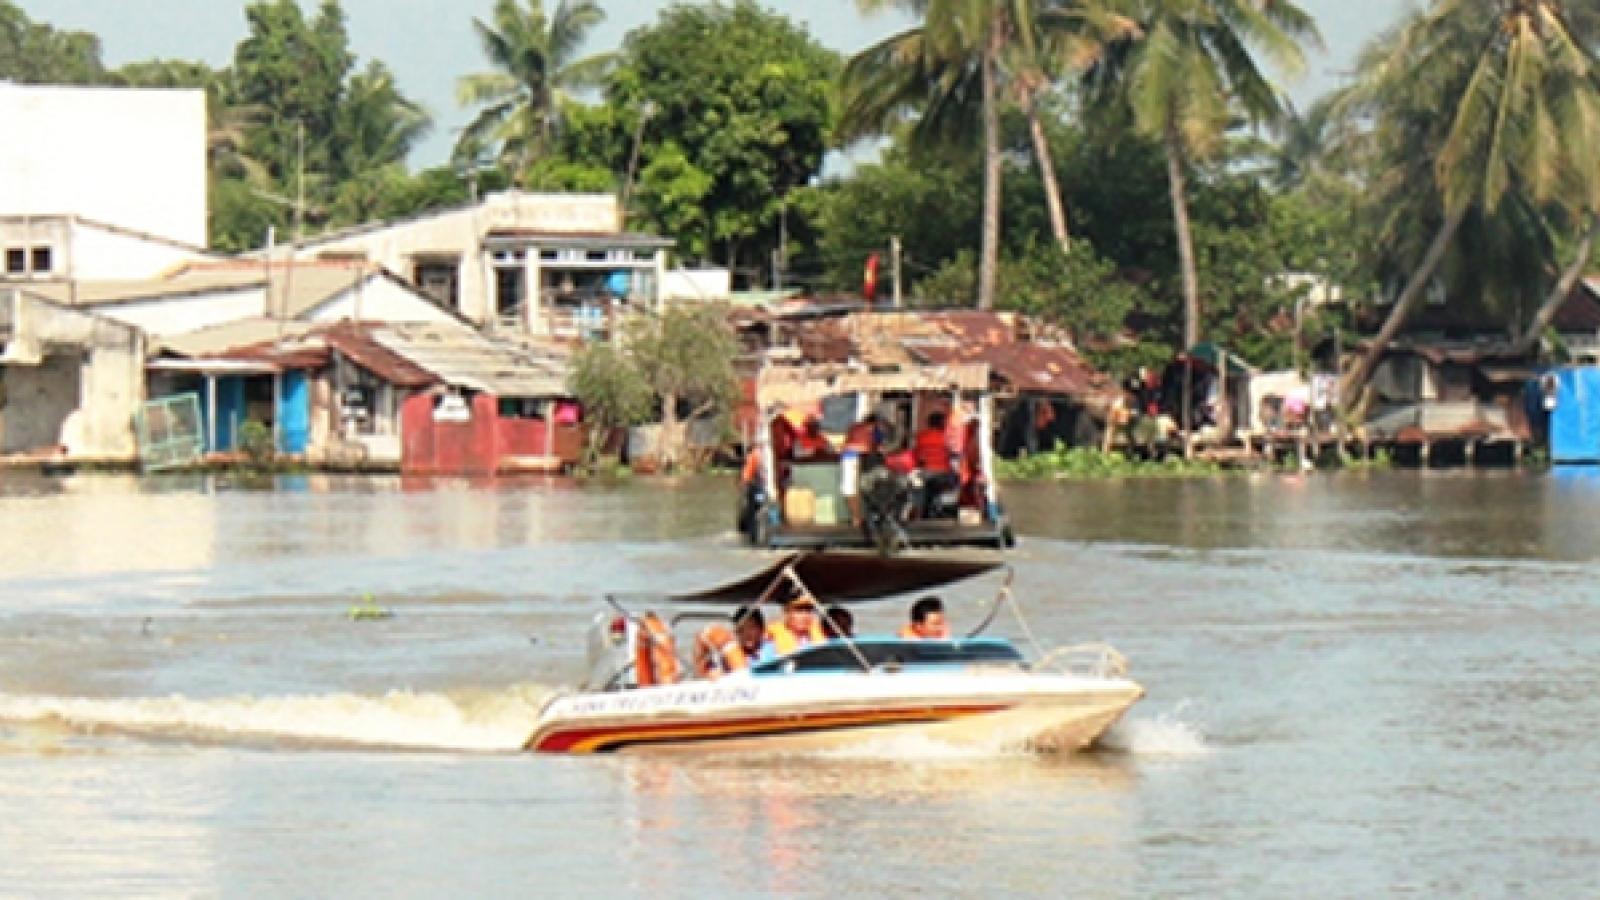 """Nghi vấn """"làm luật"""" trên sông Đồng Nai, 3 cảnh sát ở Bình Dương bị tạm đình chỉ công tác"""